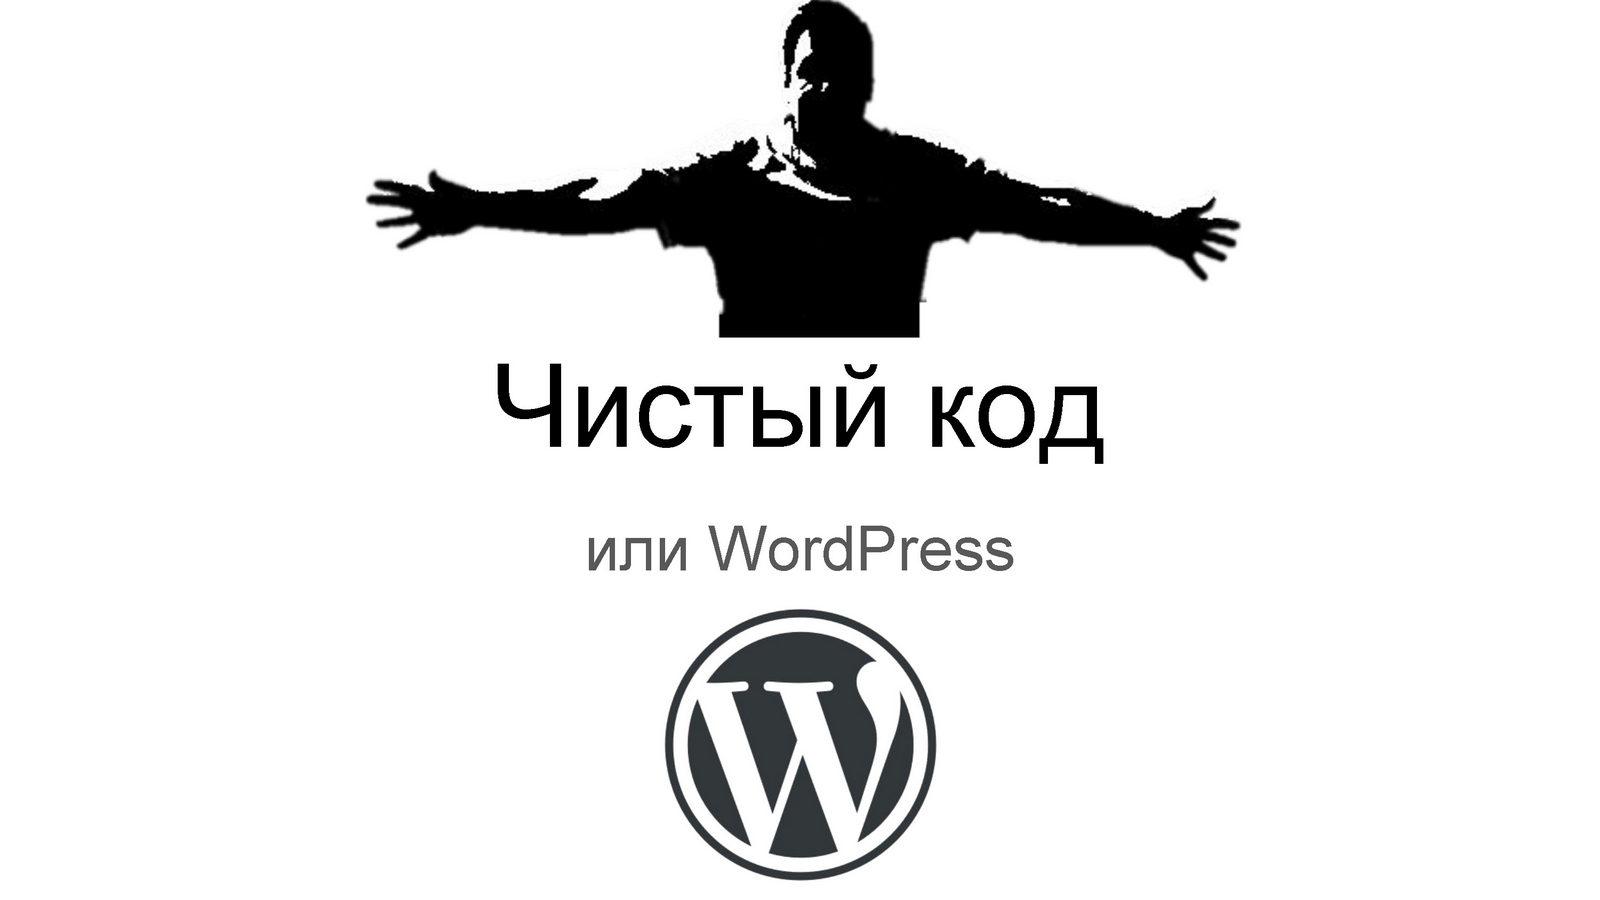 Чистый код или WordPress — Геннадий Ковшенин_Page_02